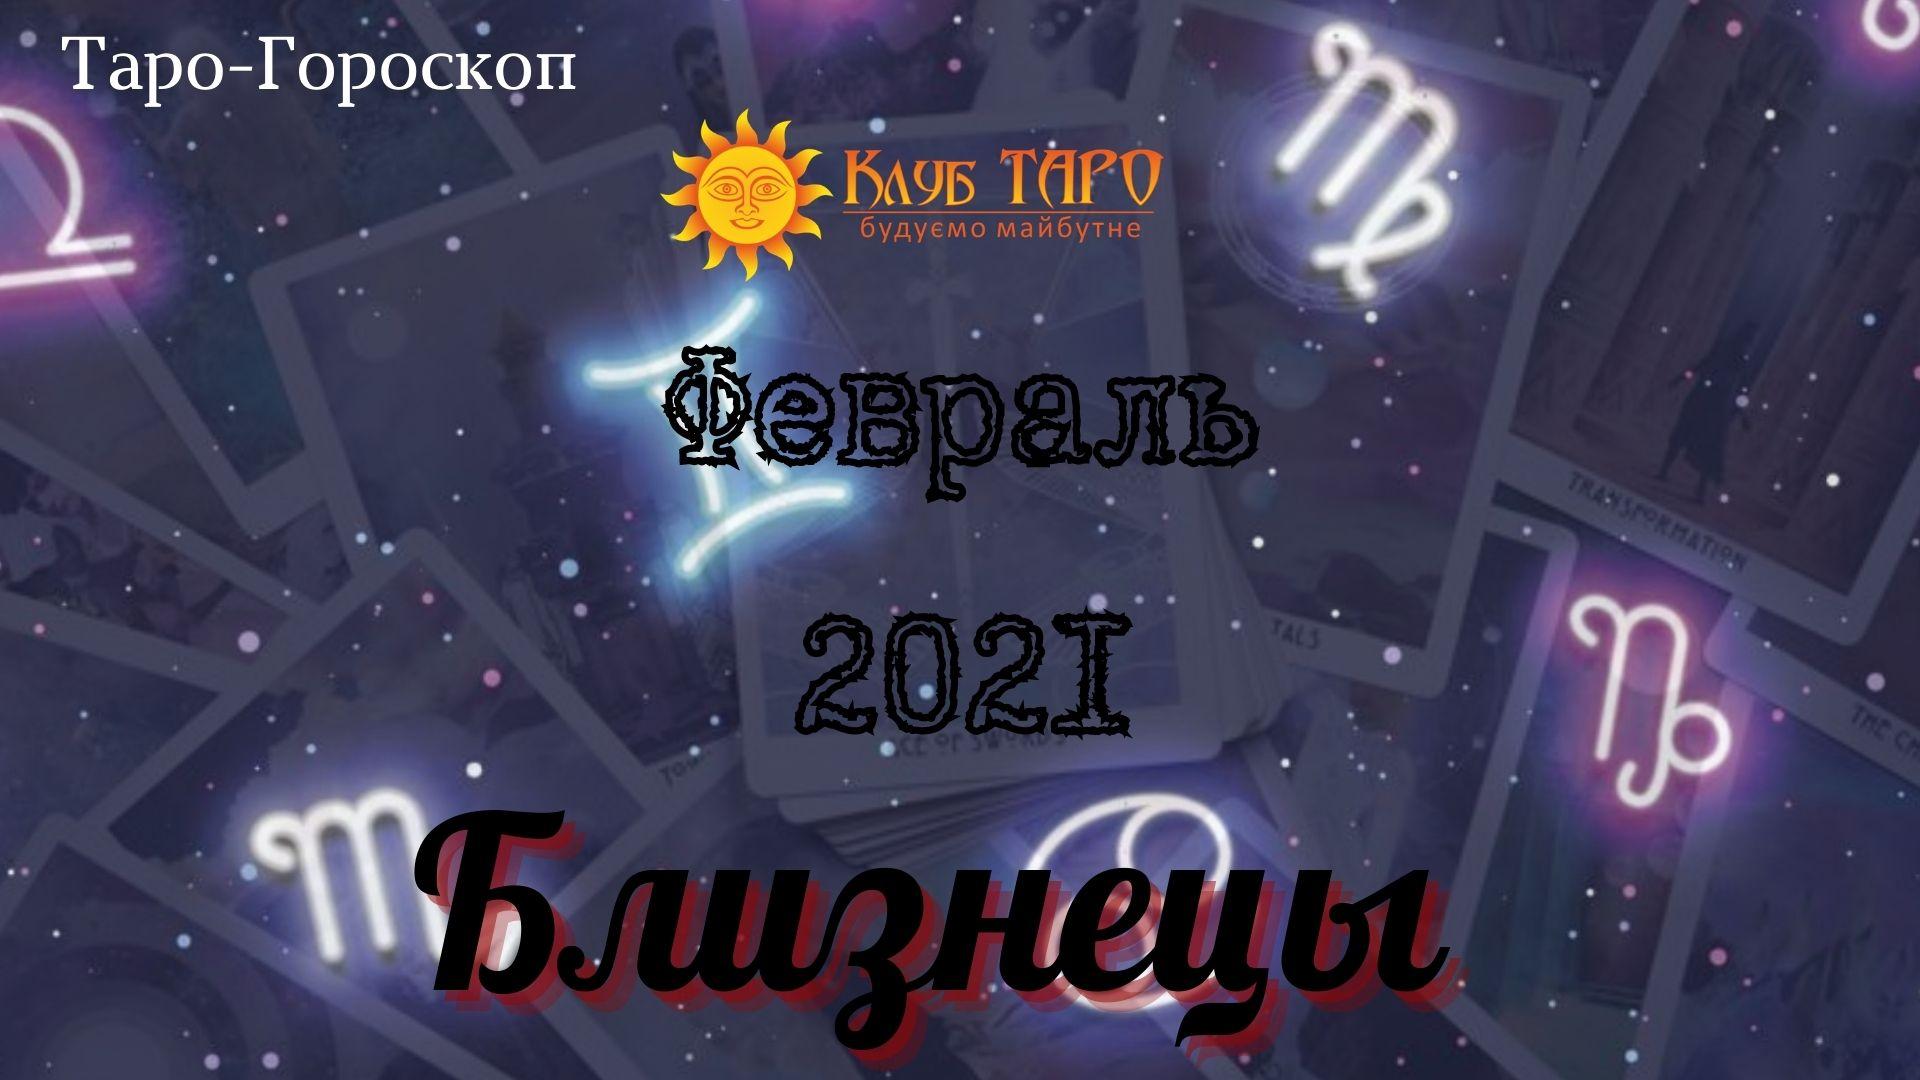 horosblizfev21